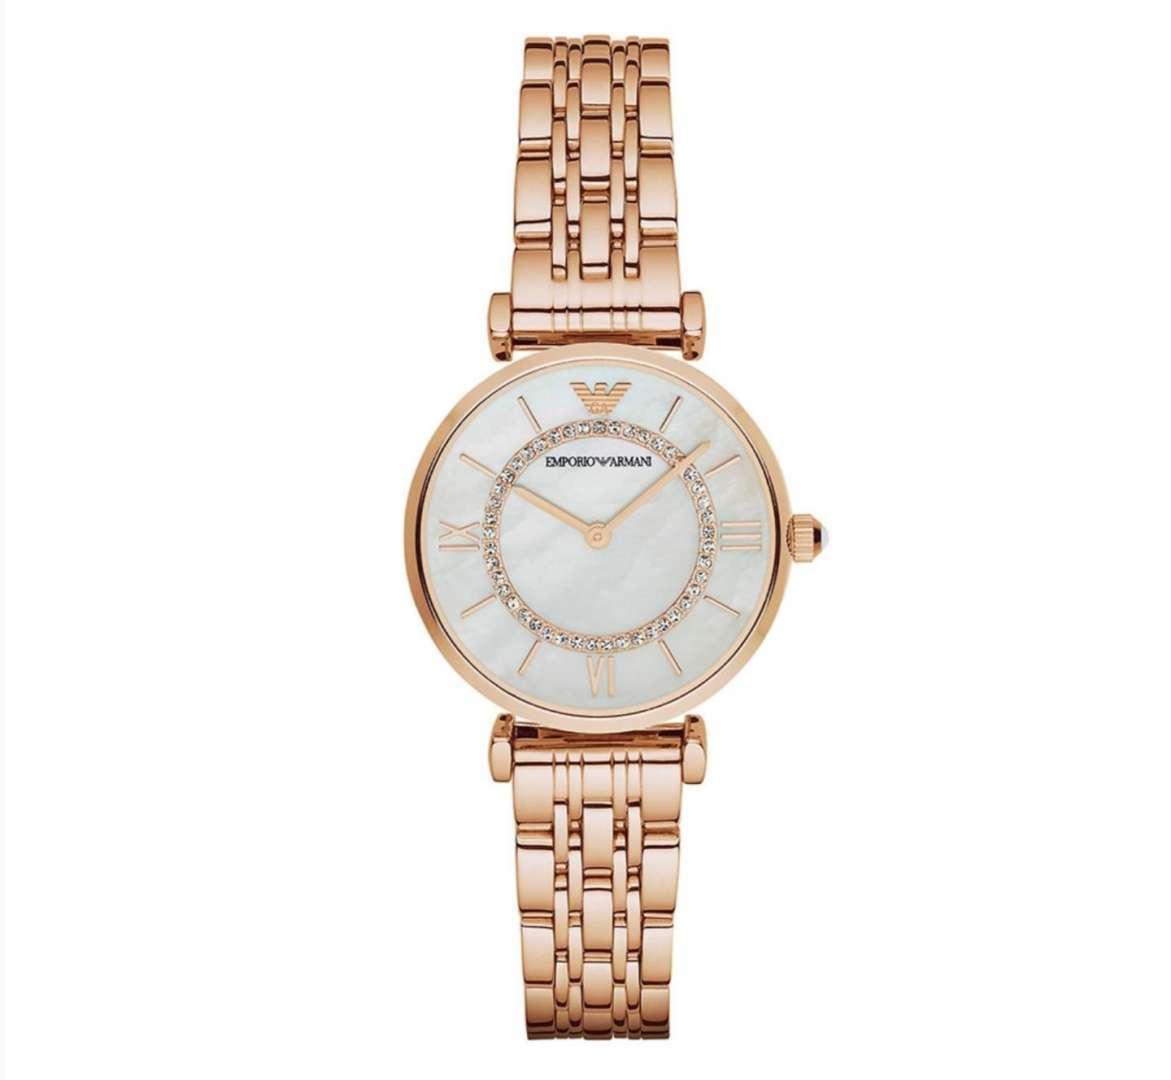 שעון יד אנלוגי לאישה emporio armani ar1909 אמפוריו ארמני